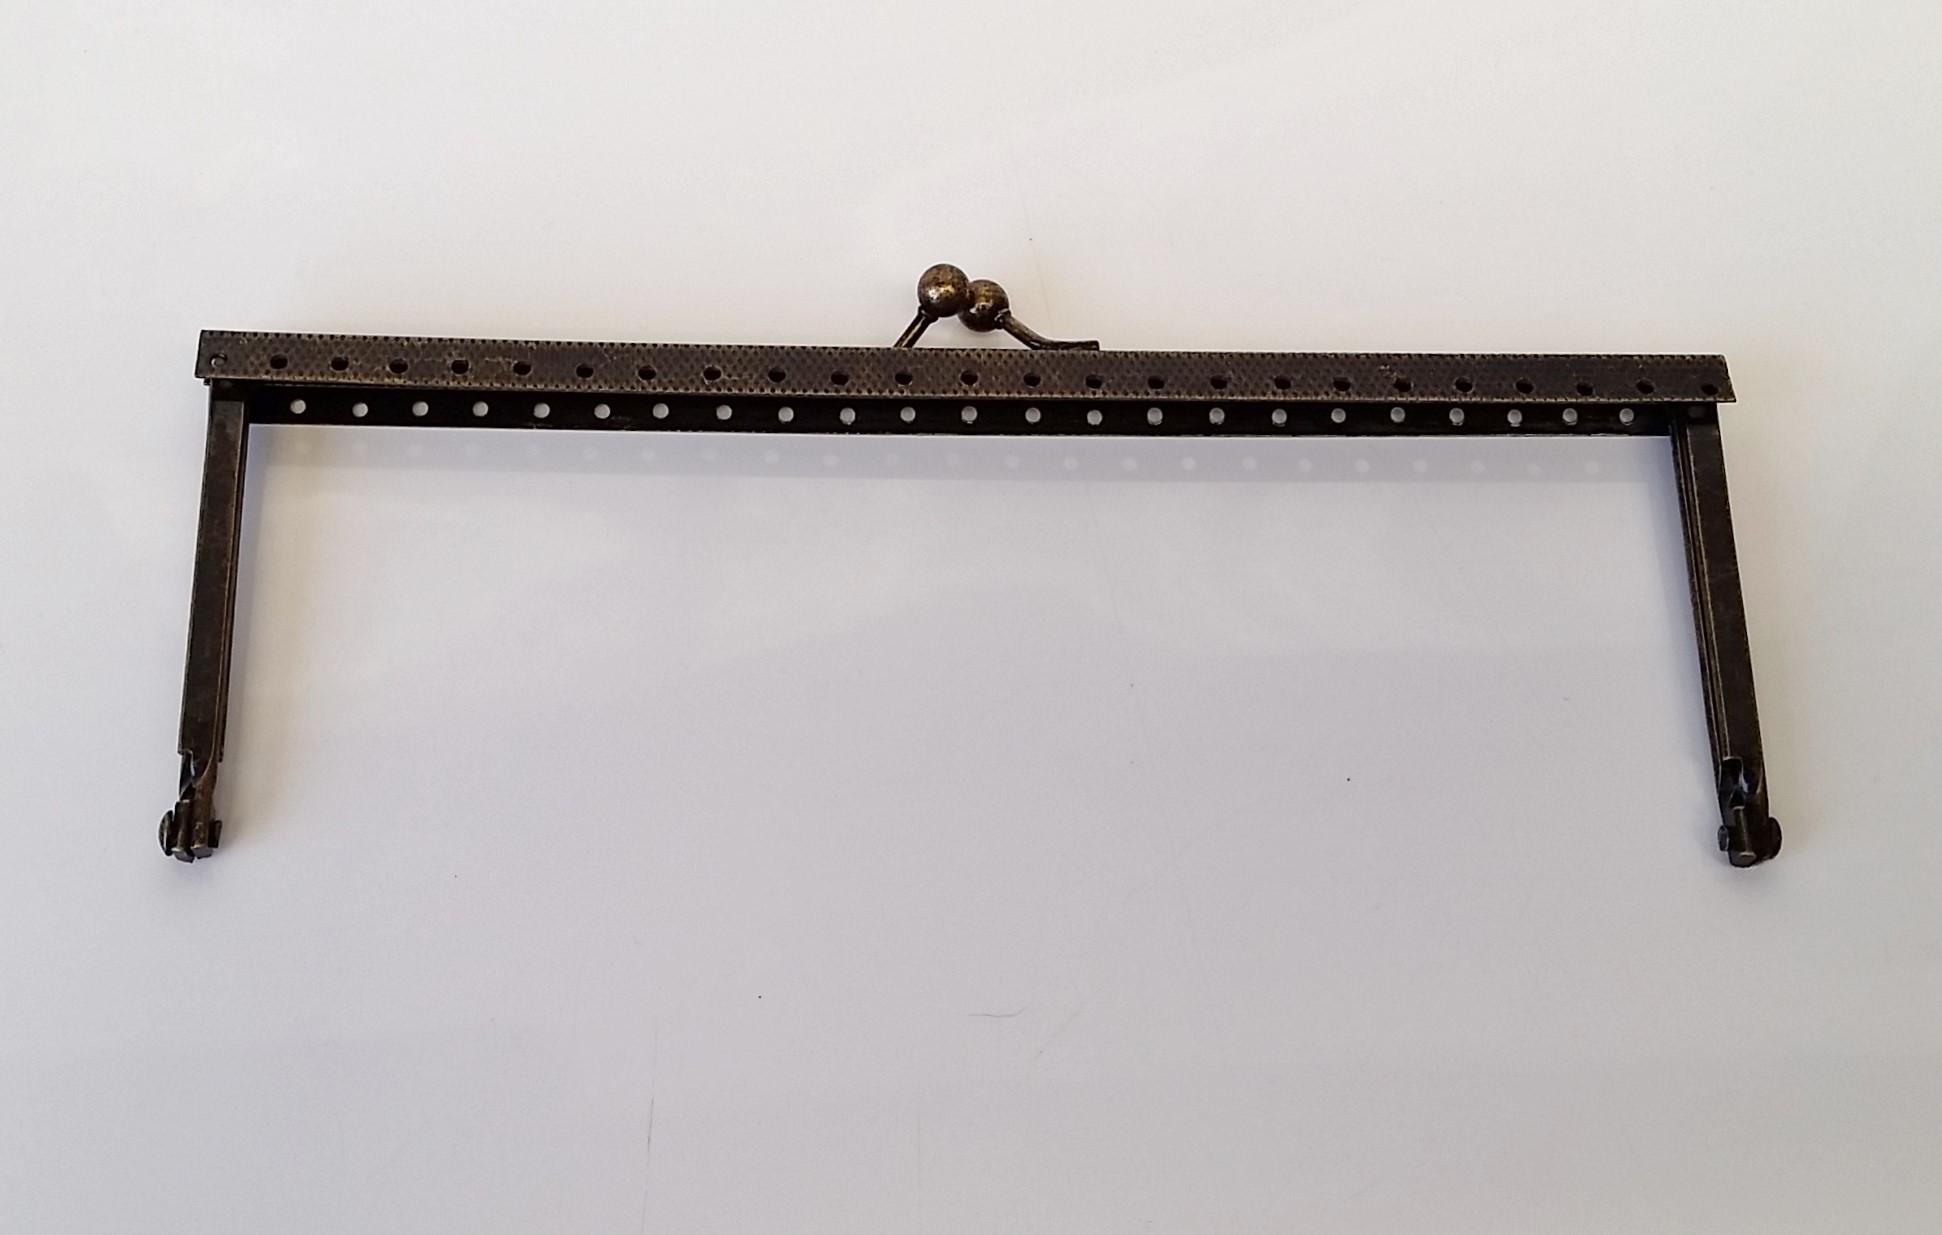 Armação 18cm x 6cm Gravada com furos p/ costura Ouro Velho